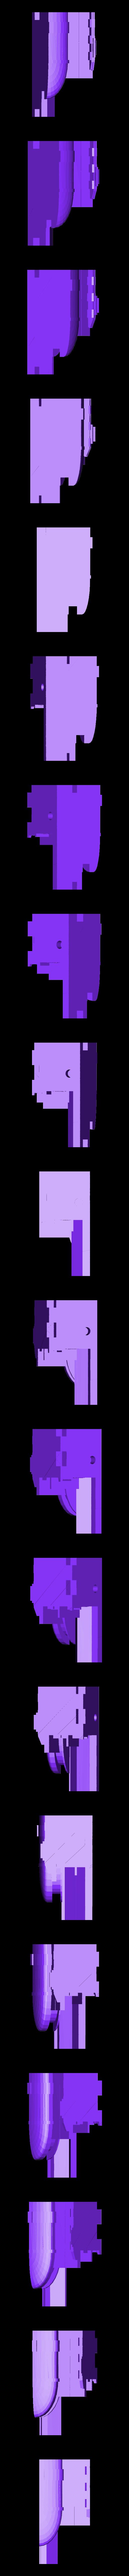 Rear_TopAC.stl Télécharger fichier STL gratuit Frégate Nebulon B (coupée et sectionnée) • Modèle pour impression 3D, Masterkookus